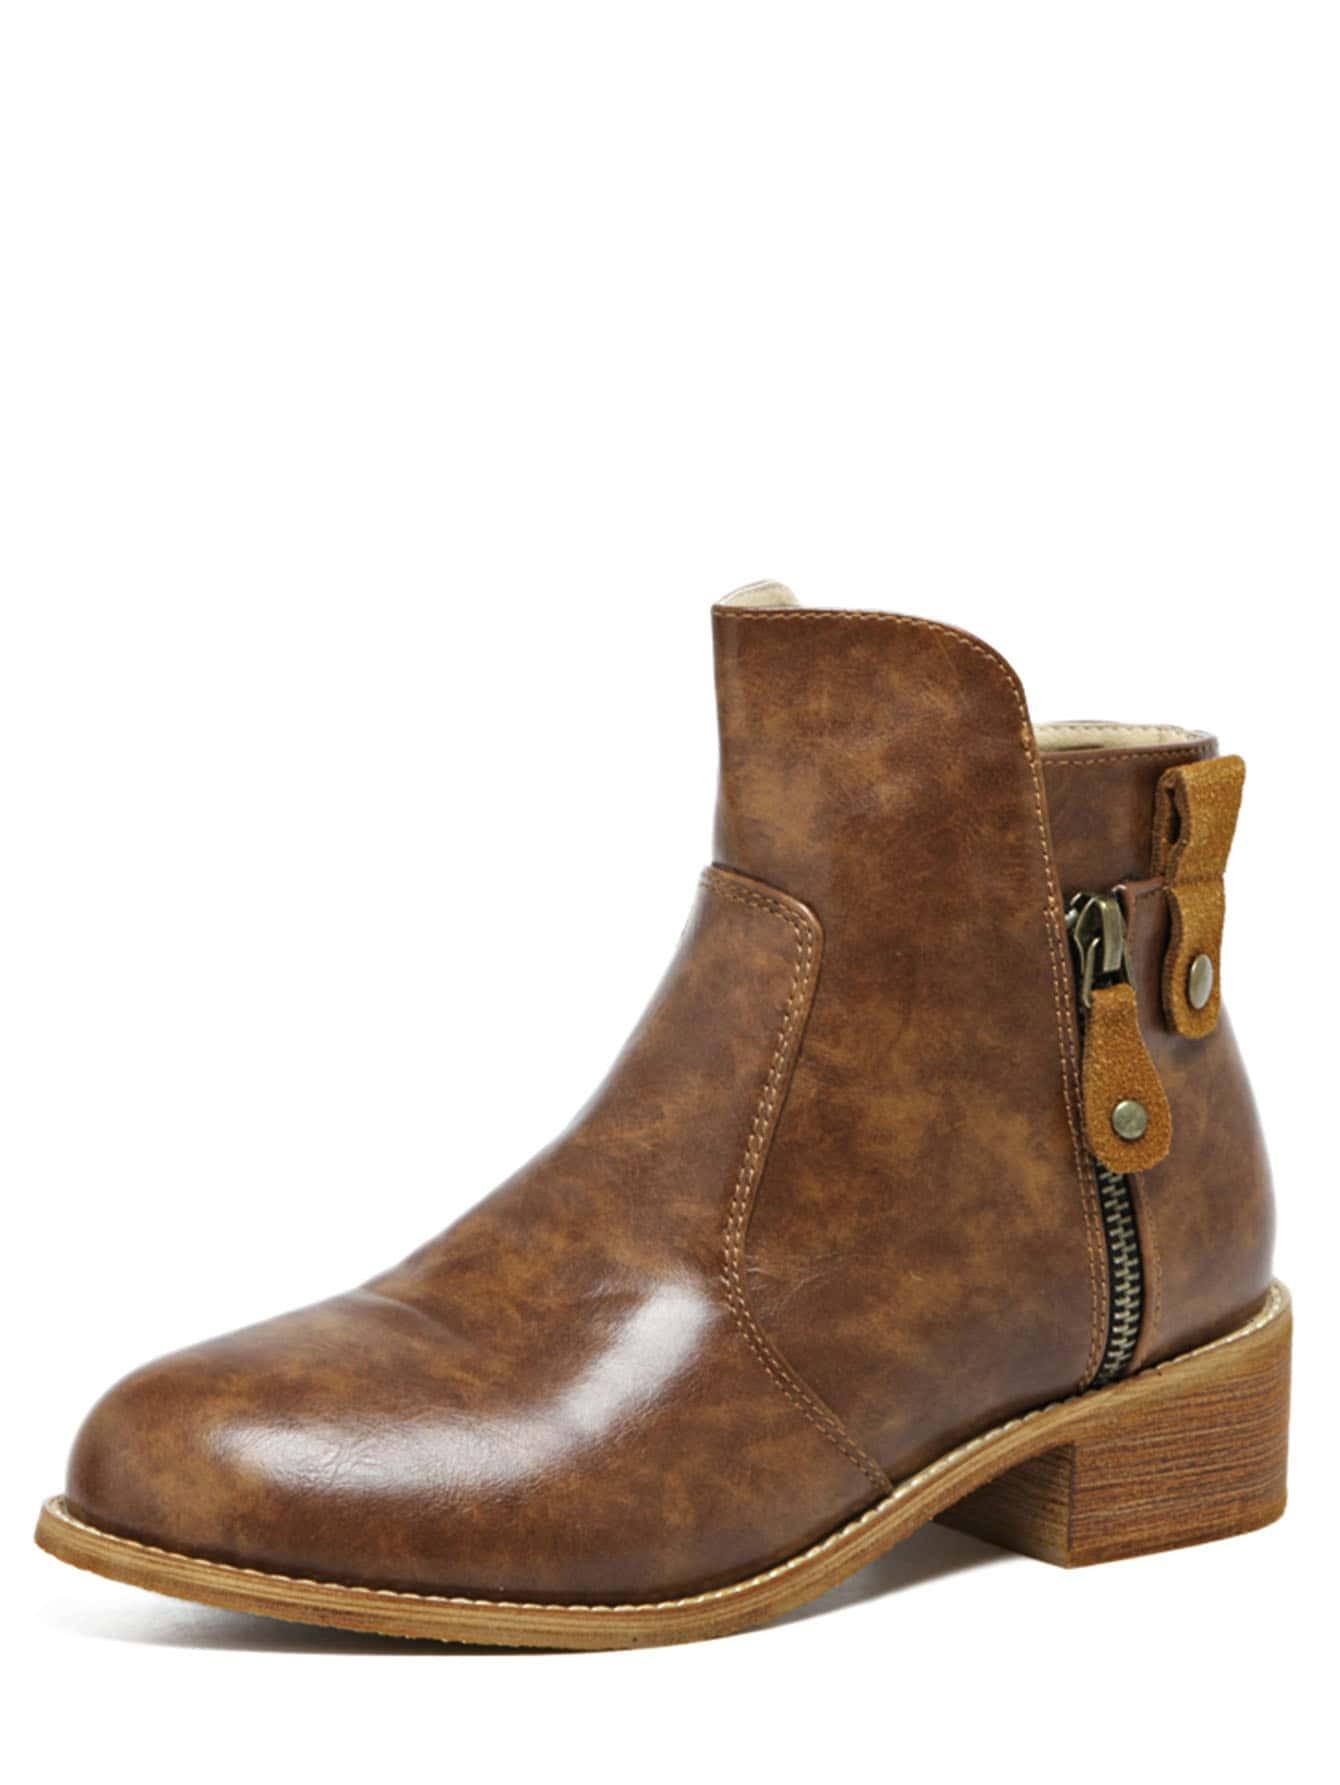 shoes161103811_2